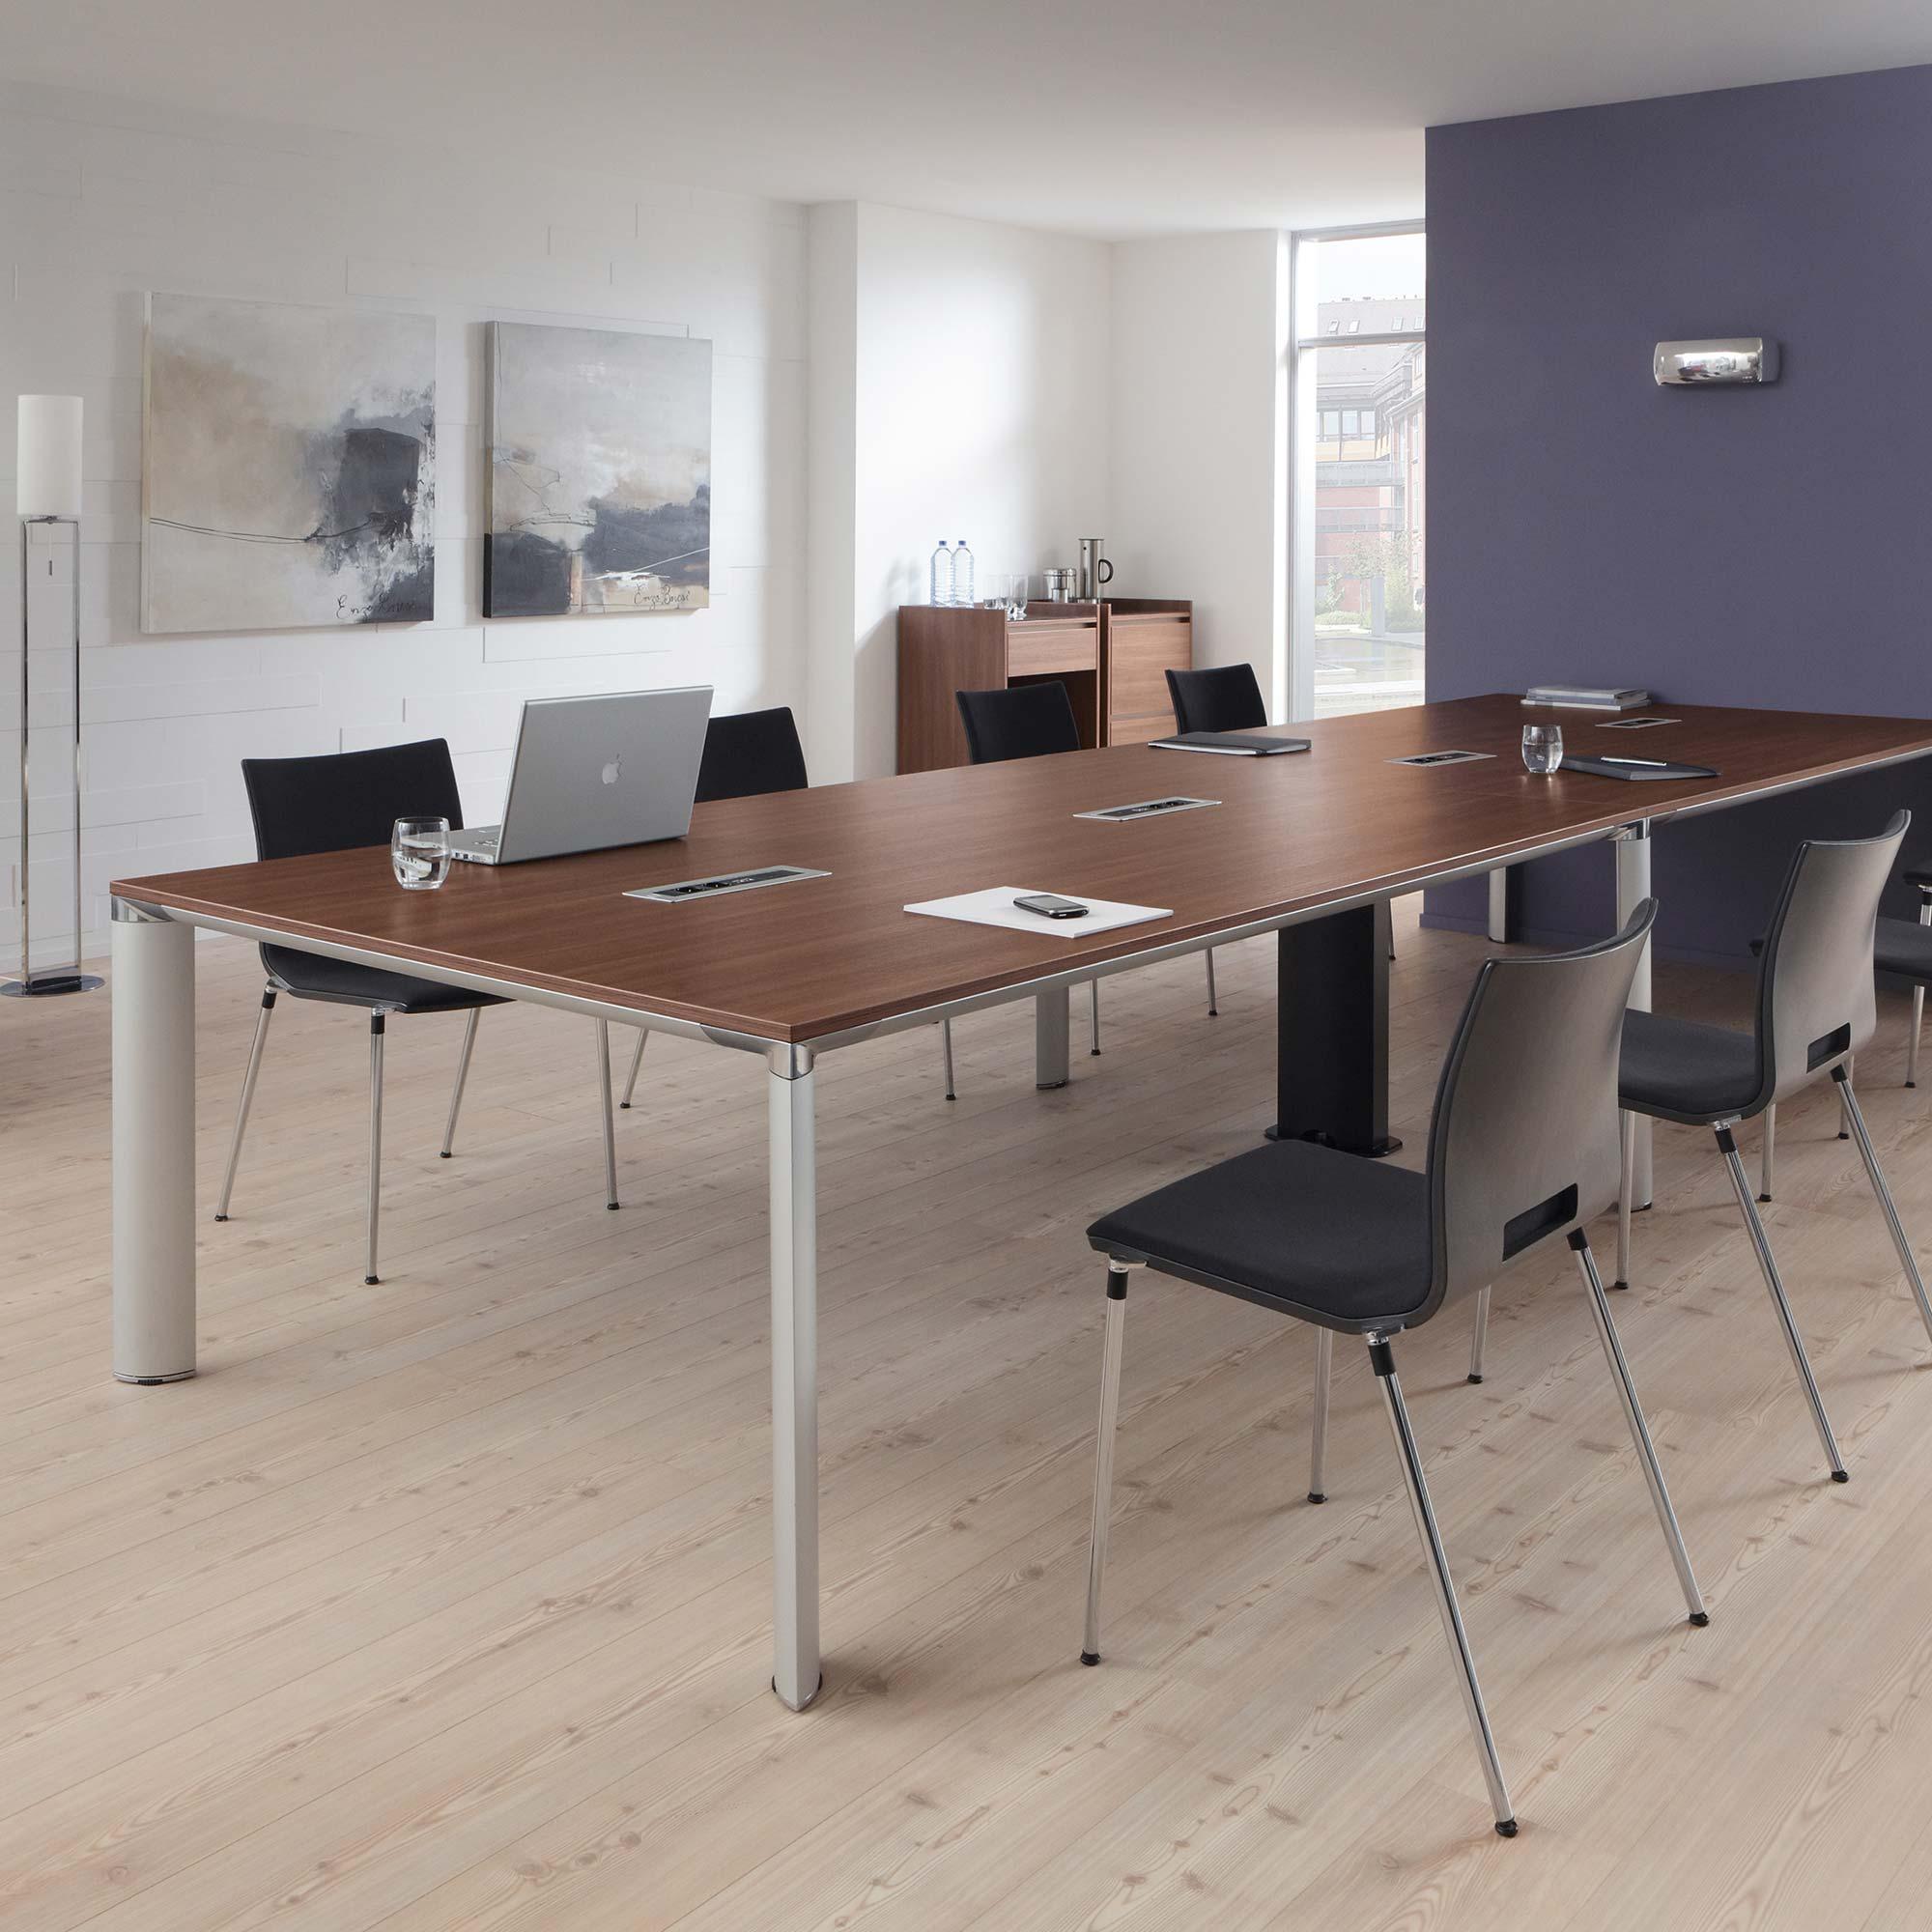 Konferenztische | HELA Büro.Objekte